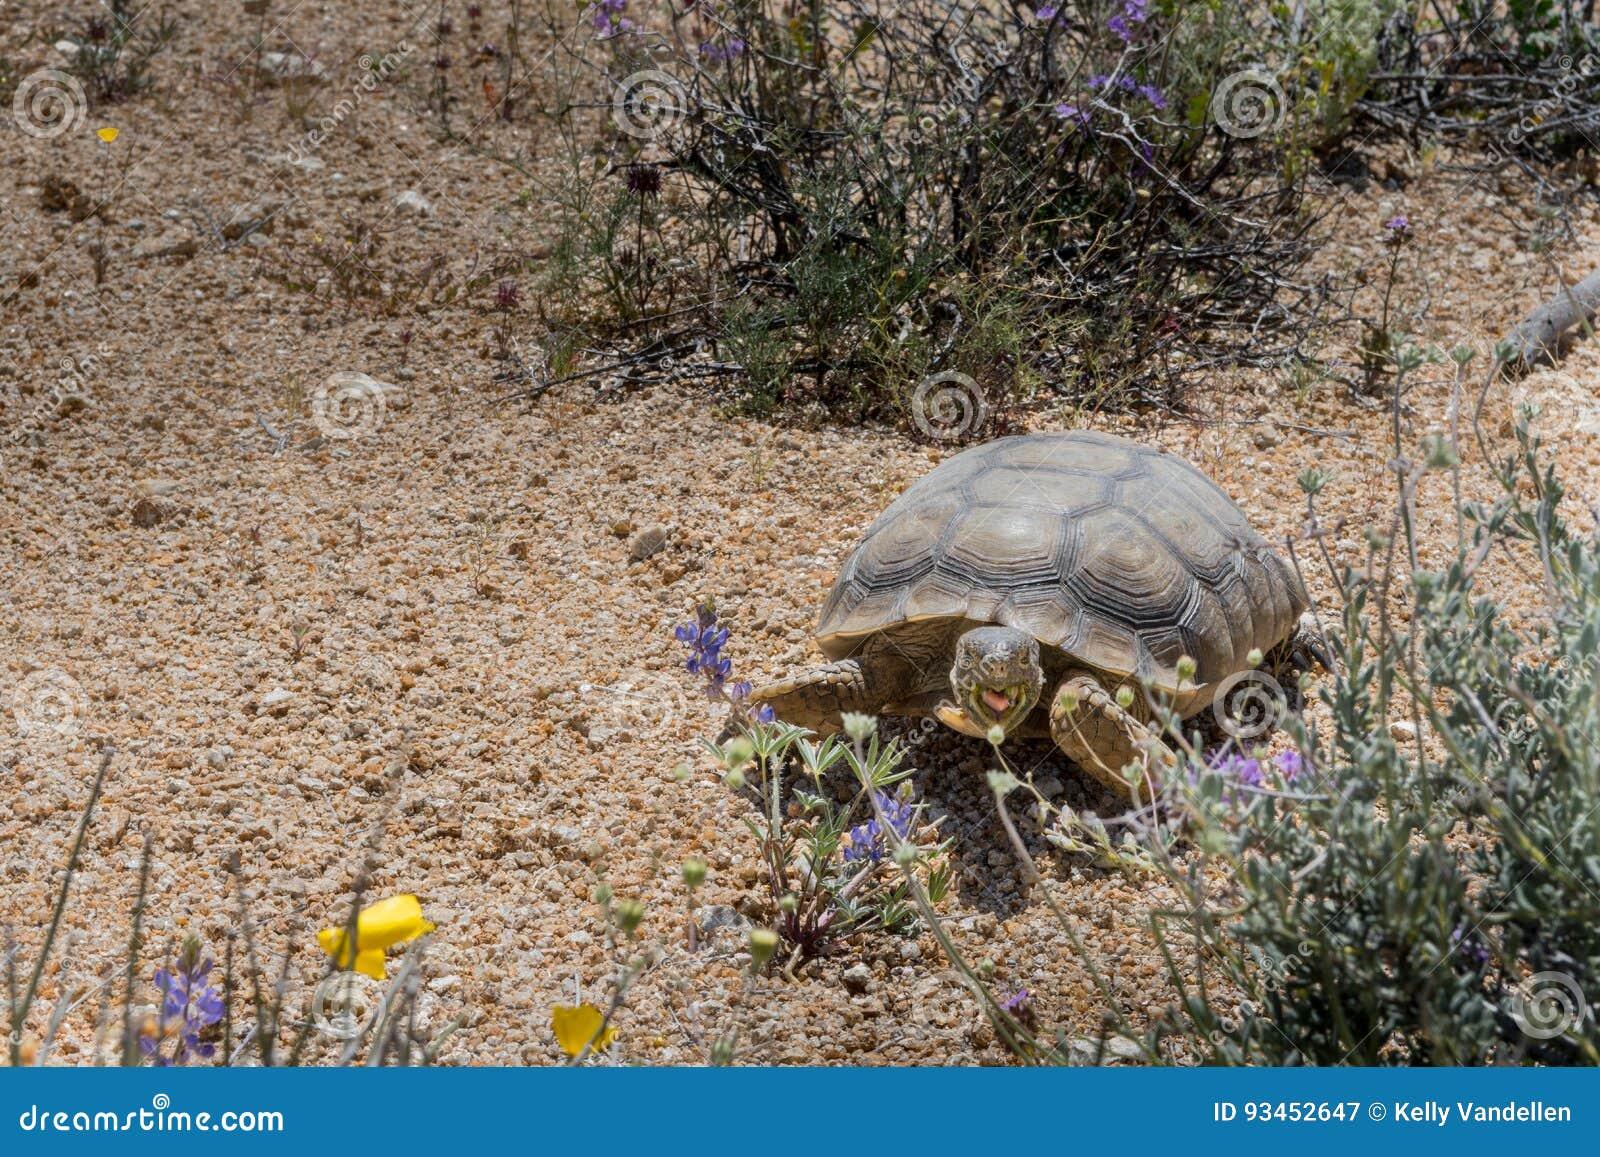 Desert Tortoise Grazes on Spring Flowers